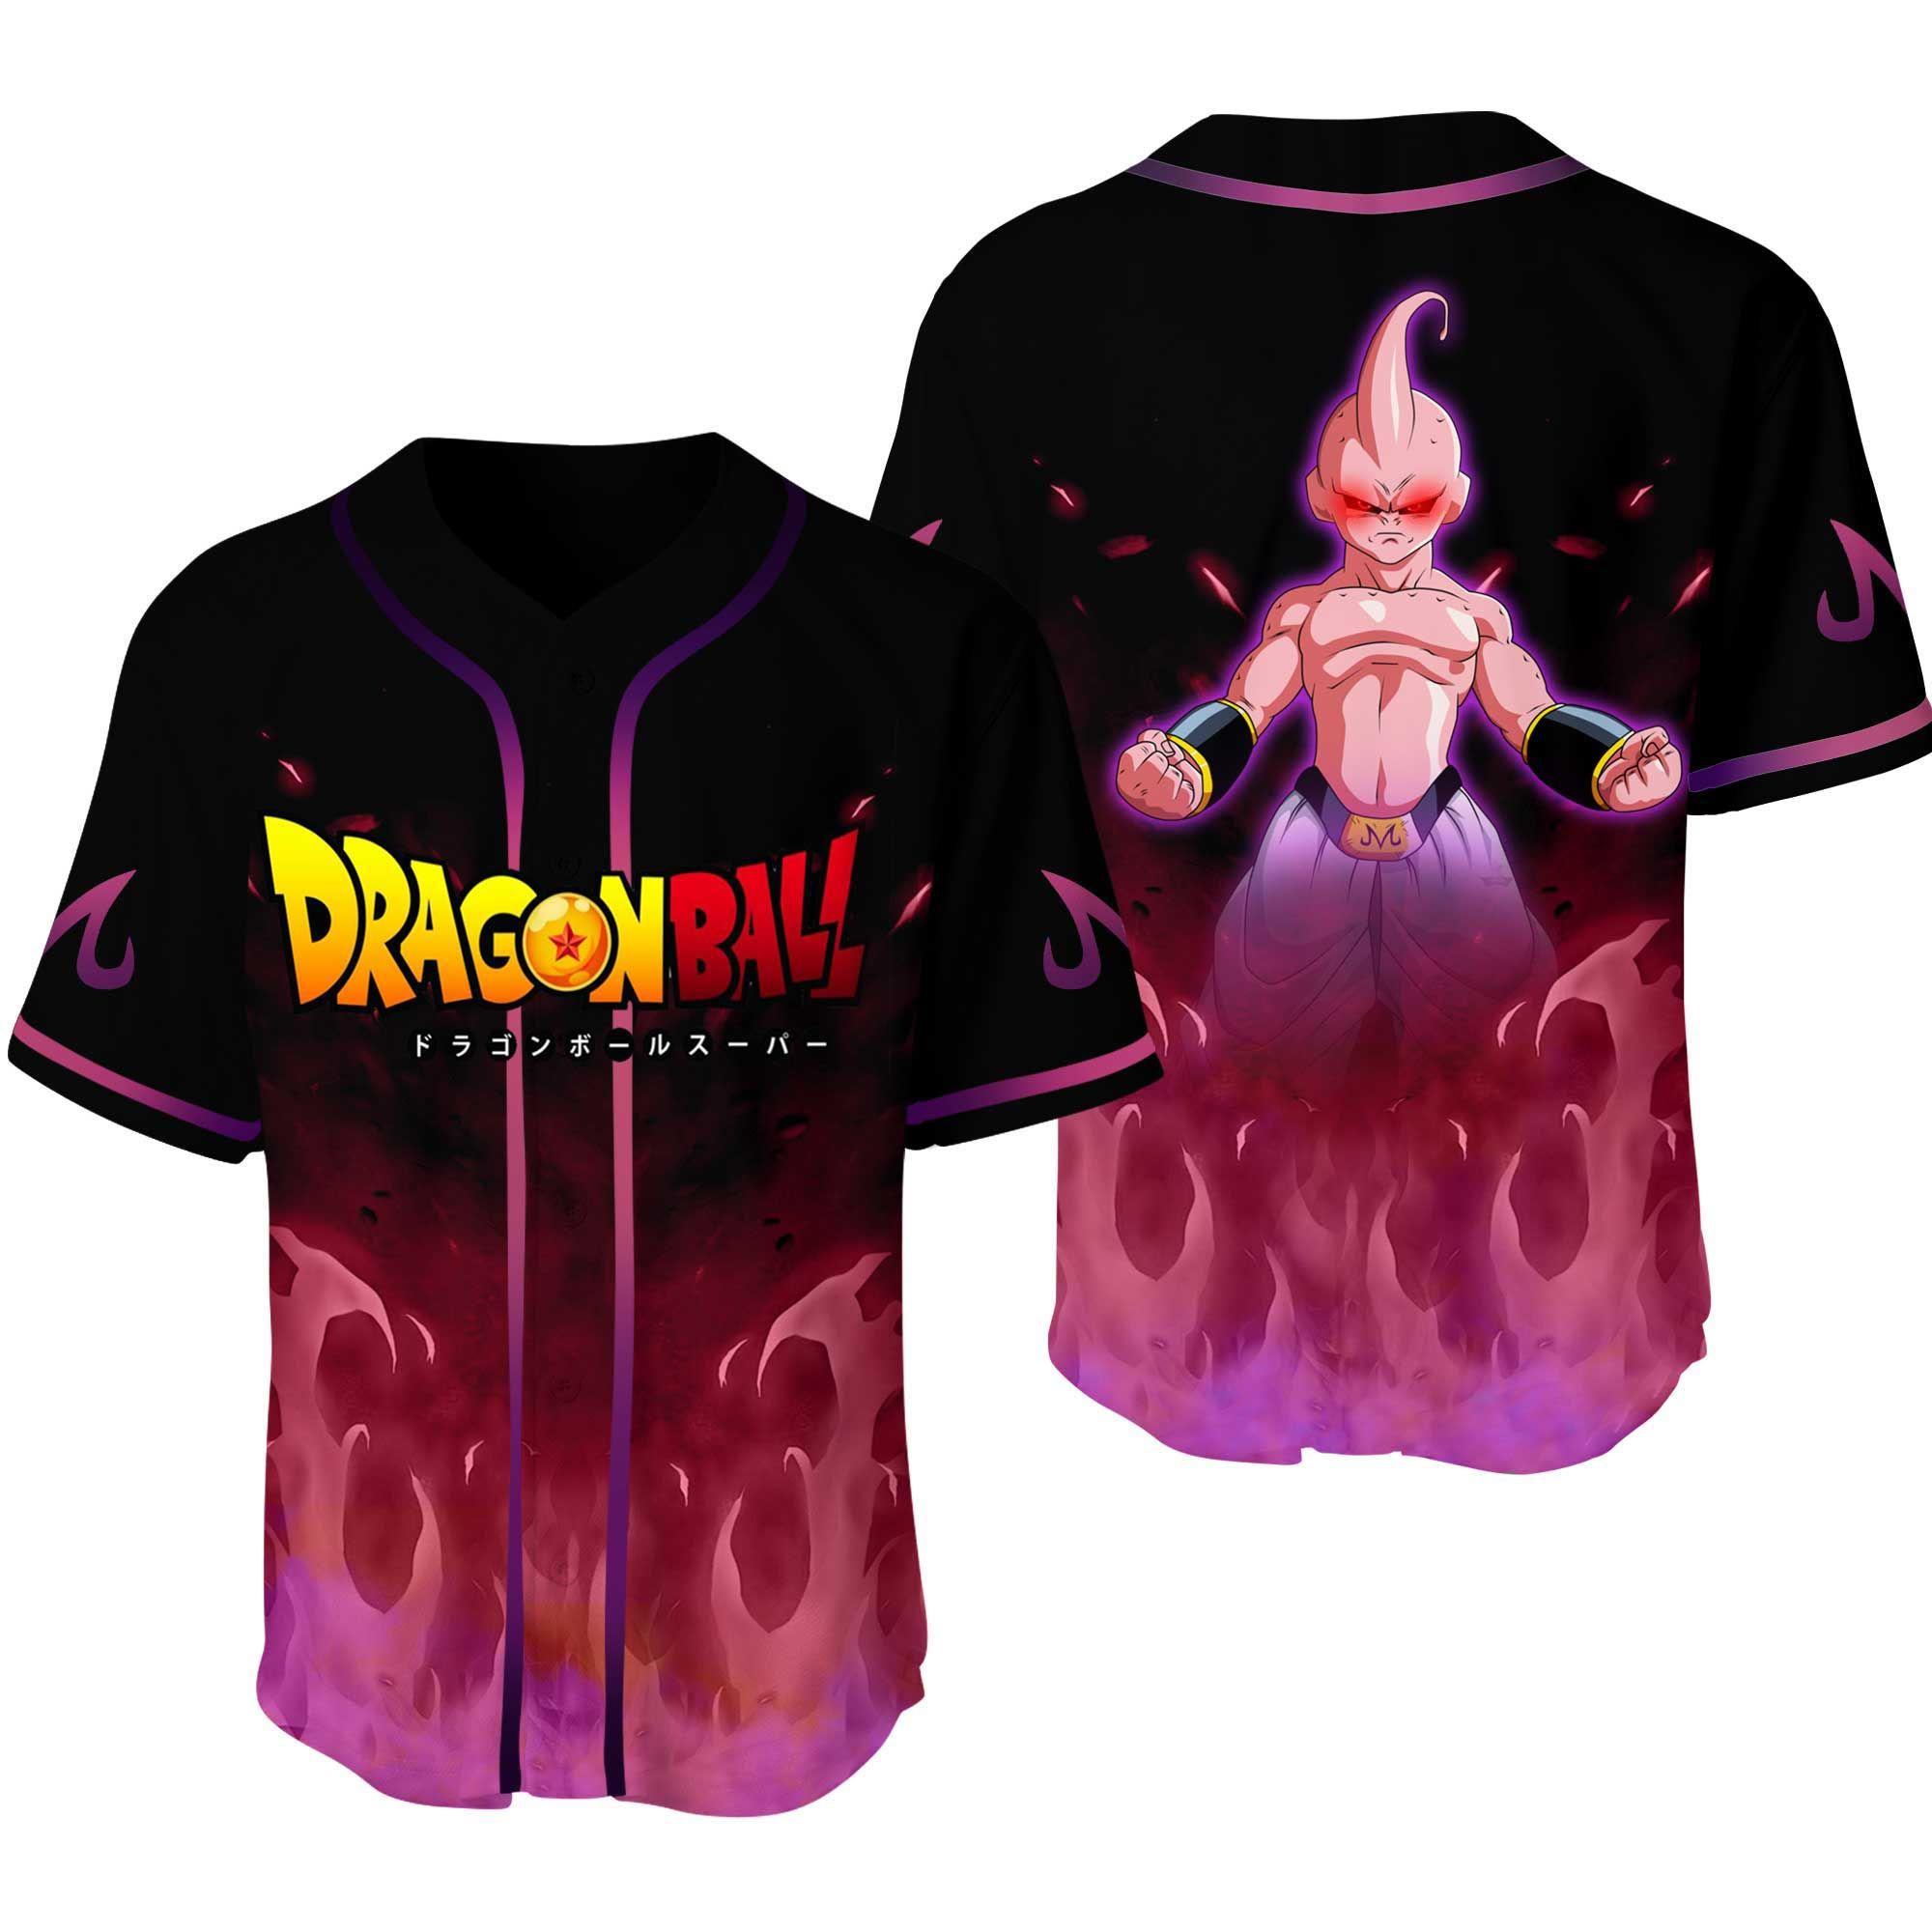 Dragon Ball Majin Boo Baseball Jersey Shirt